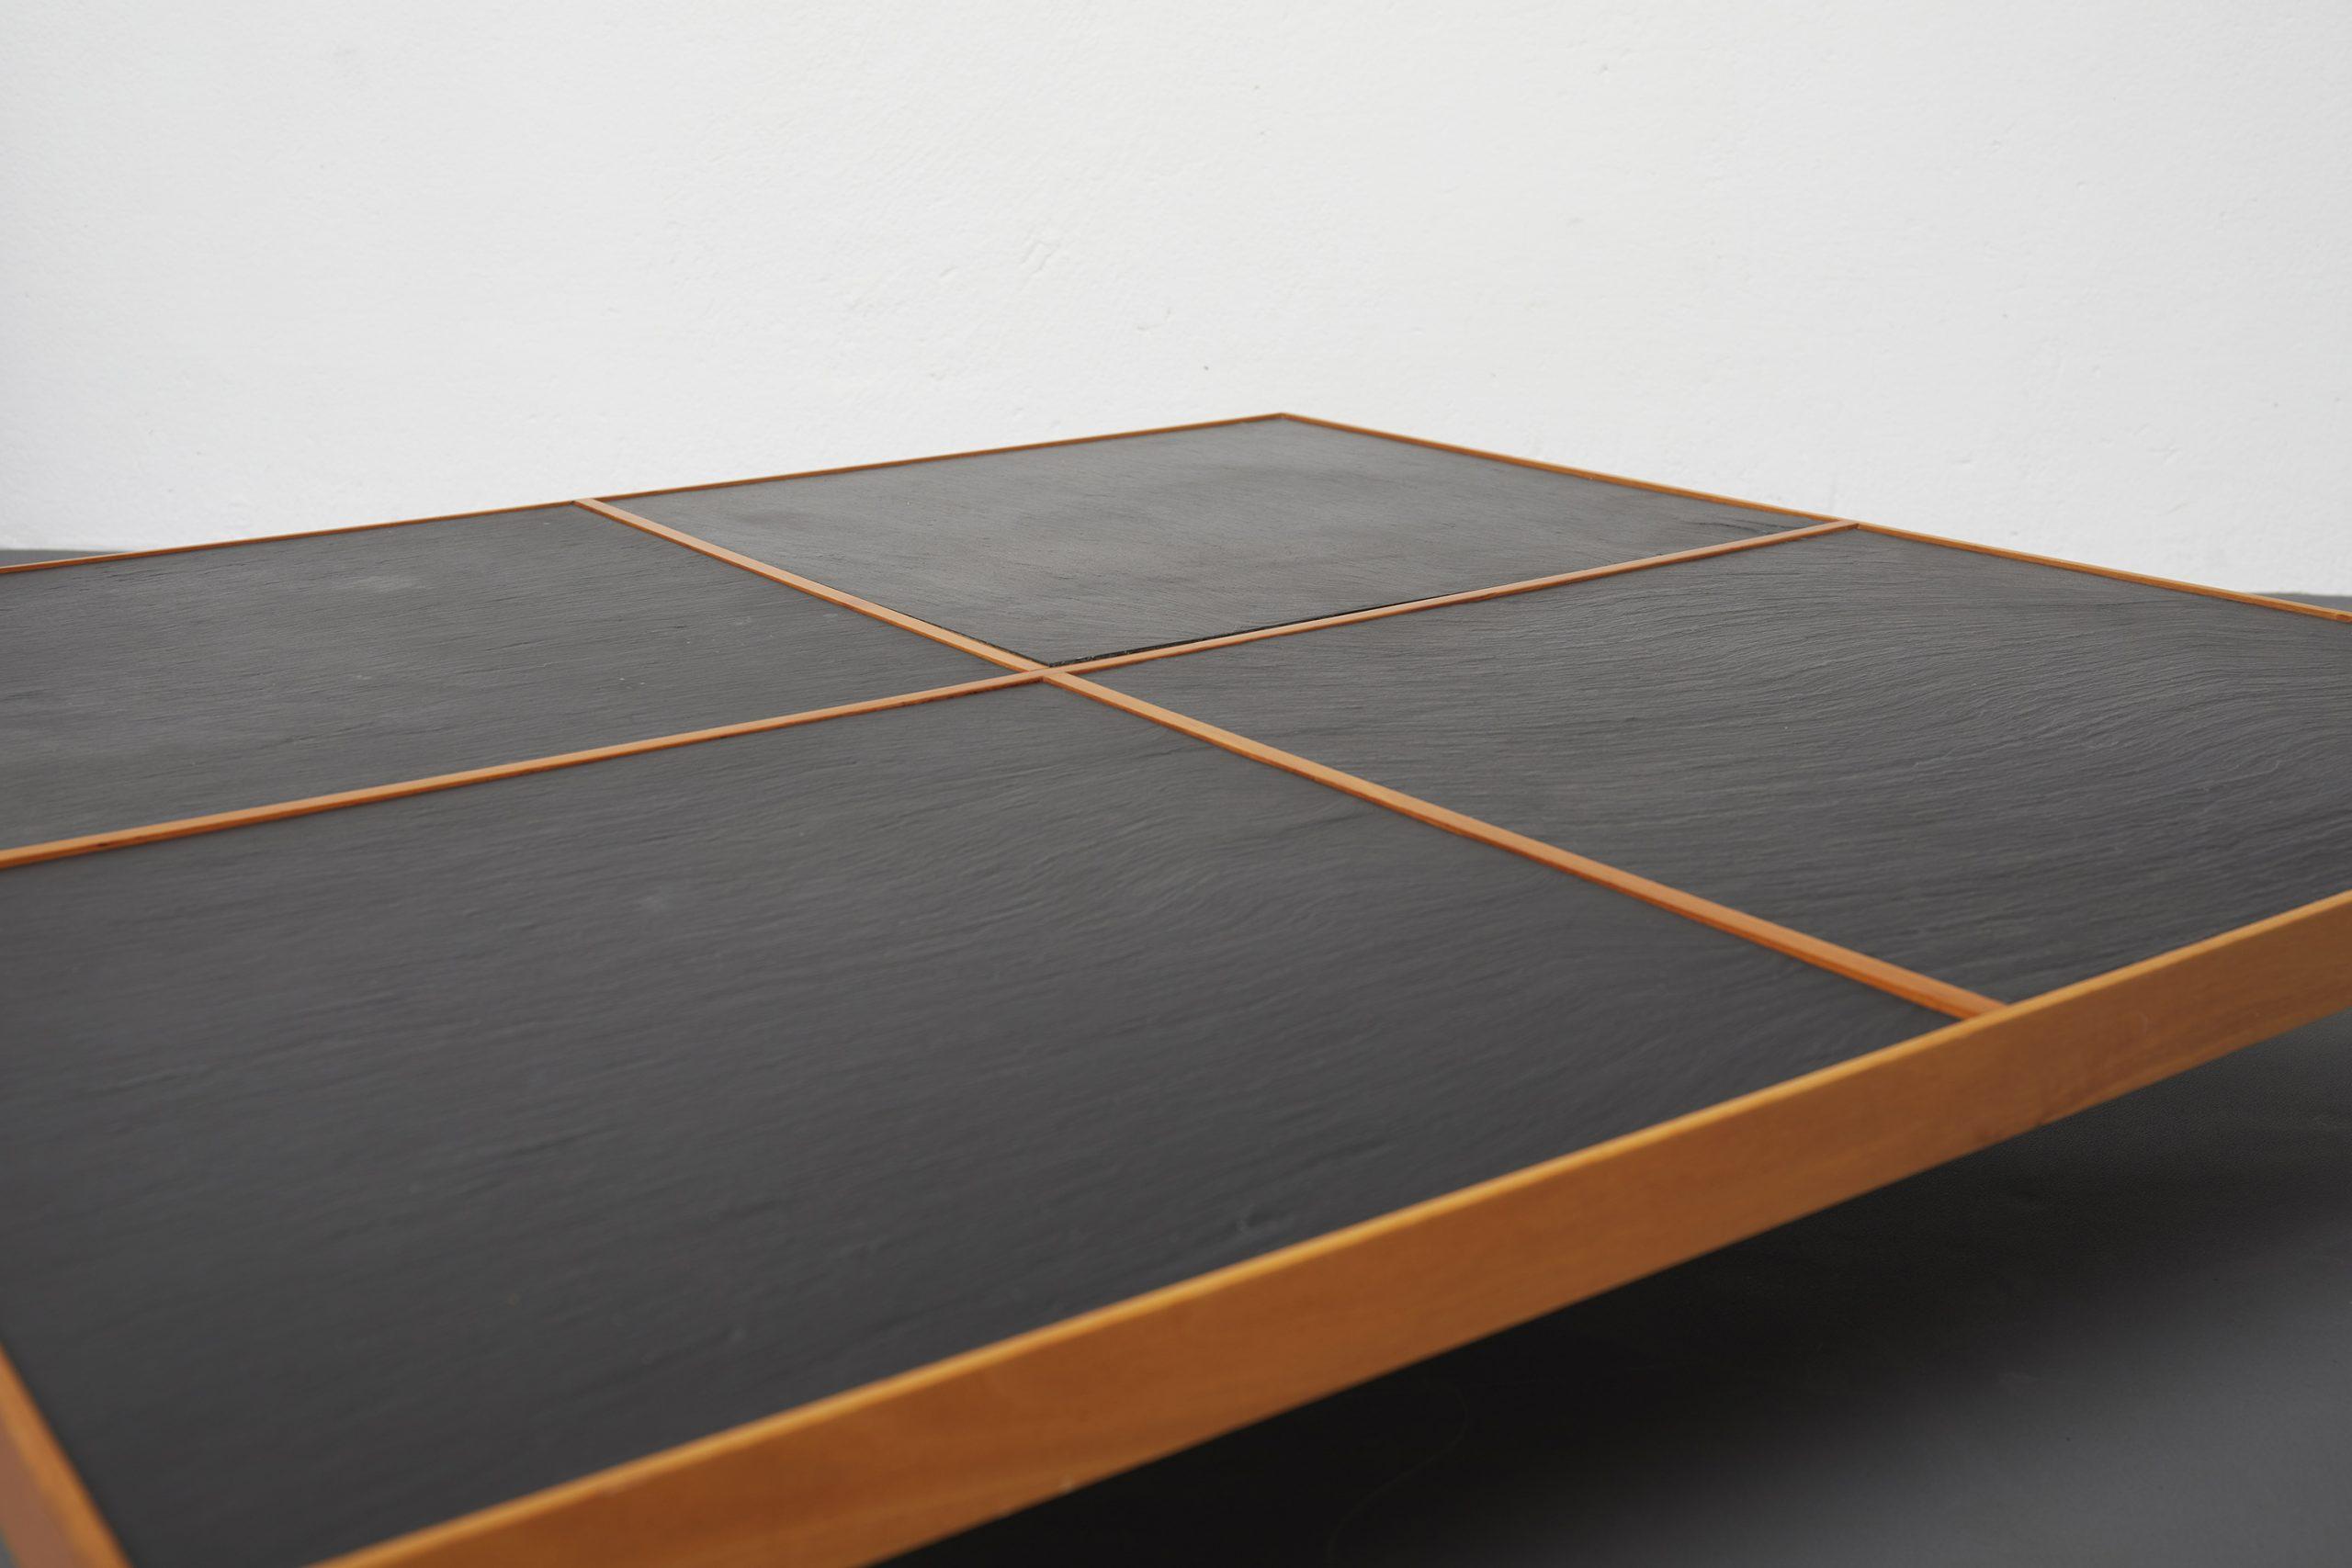 naviglio-coffee-table-by-piero-de-martini-cassina-1980-image-04